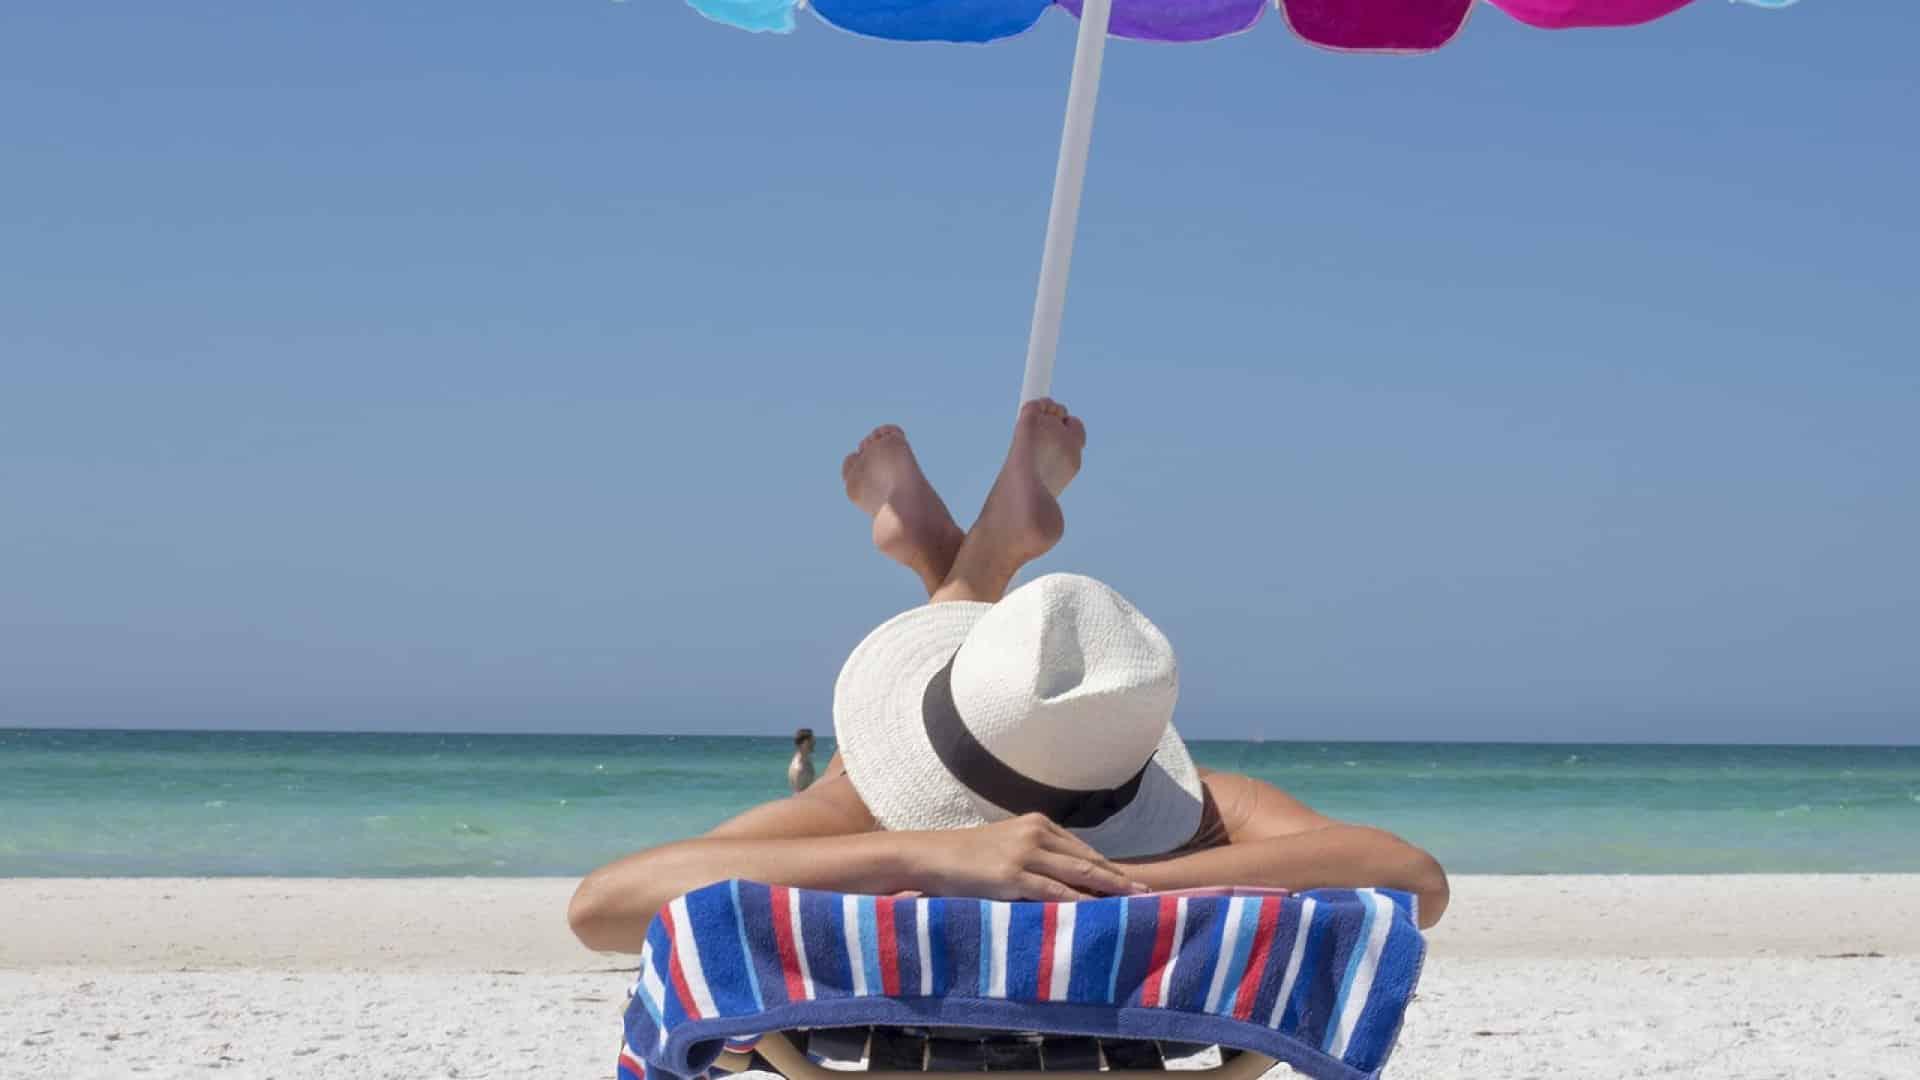 Comment choisir un bain de soleil ?